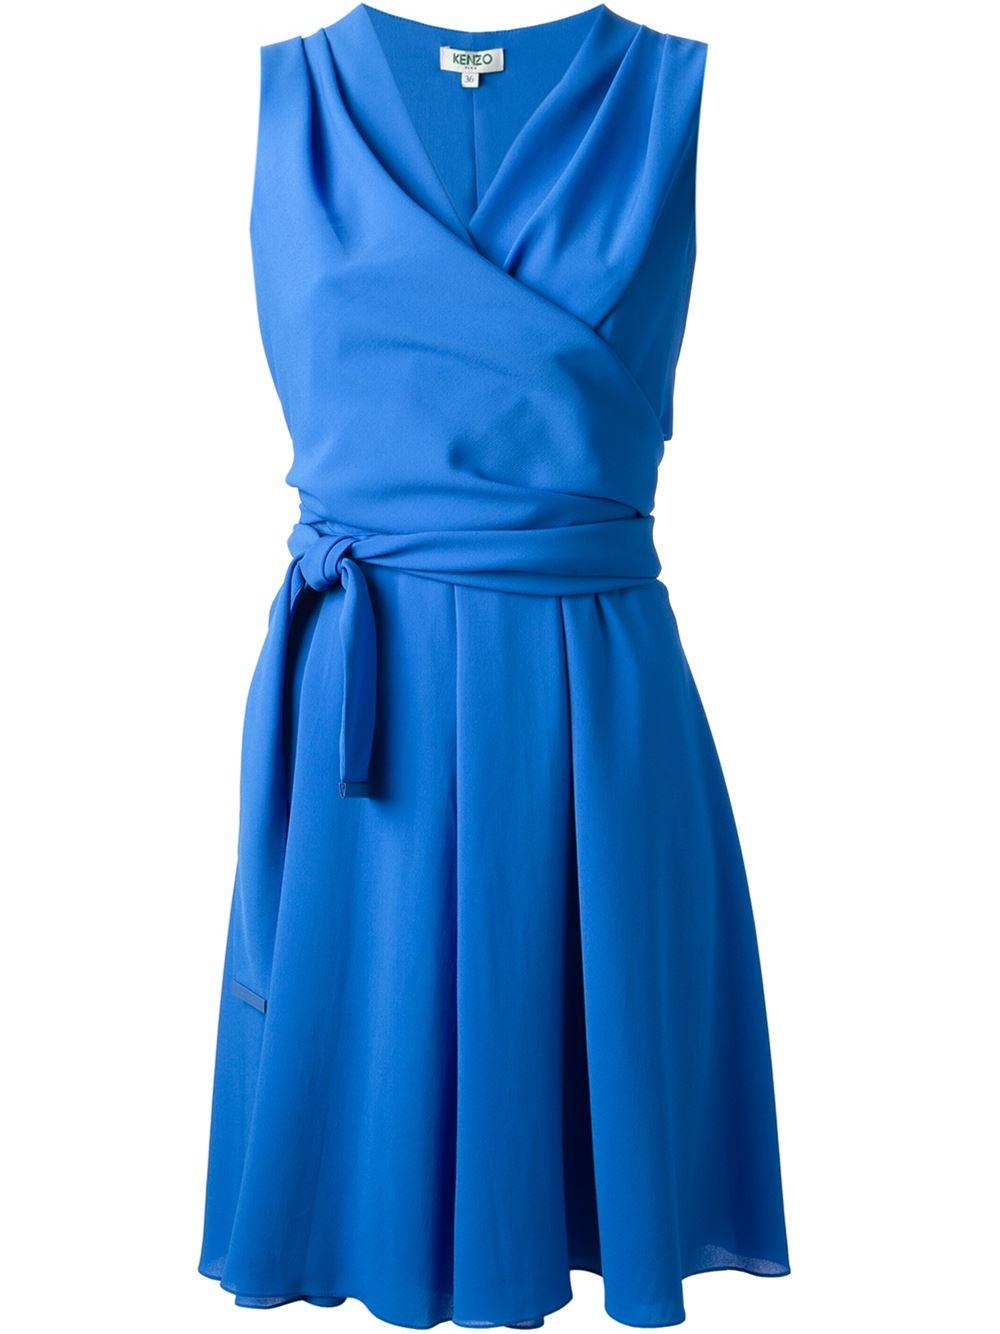 Kenzo Wrap-around Dress - Wok-store - Farfetch.com